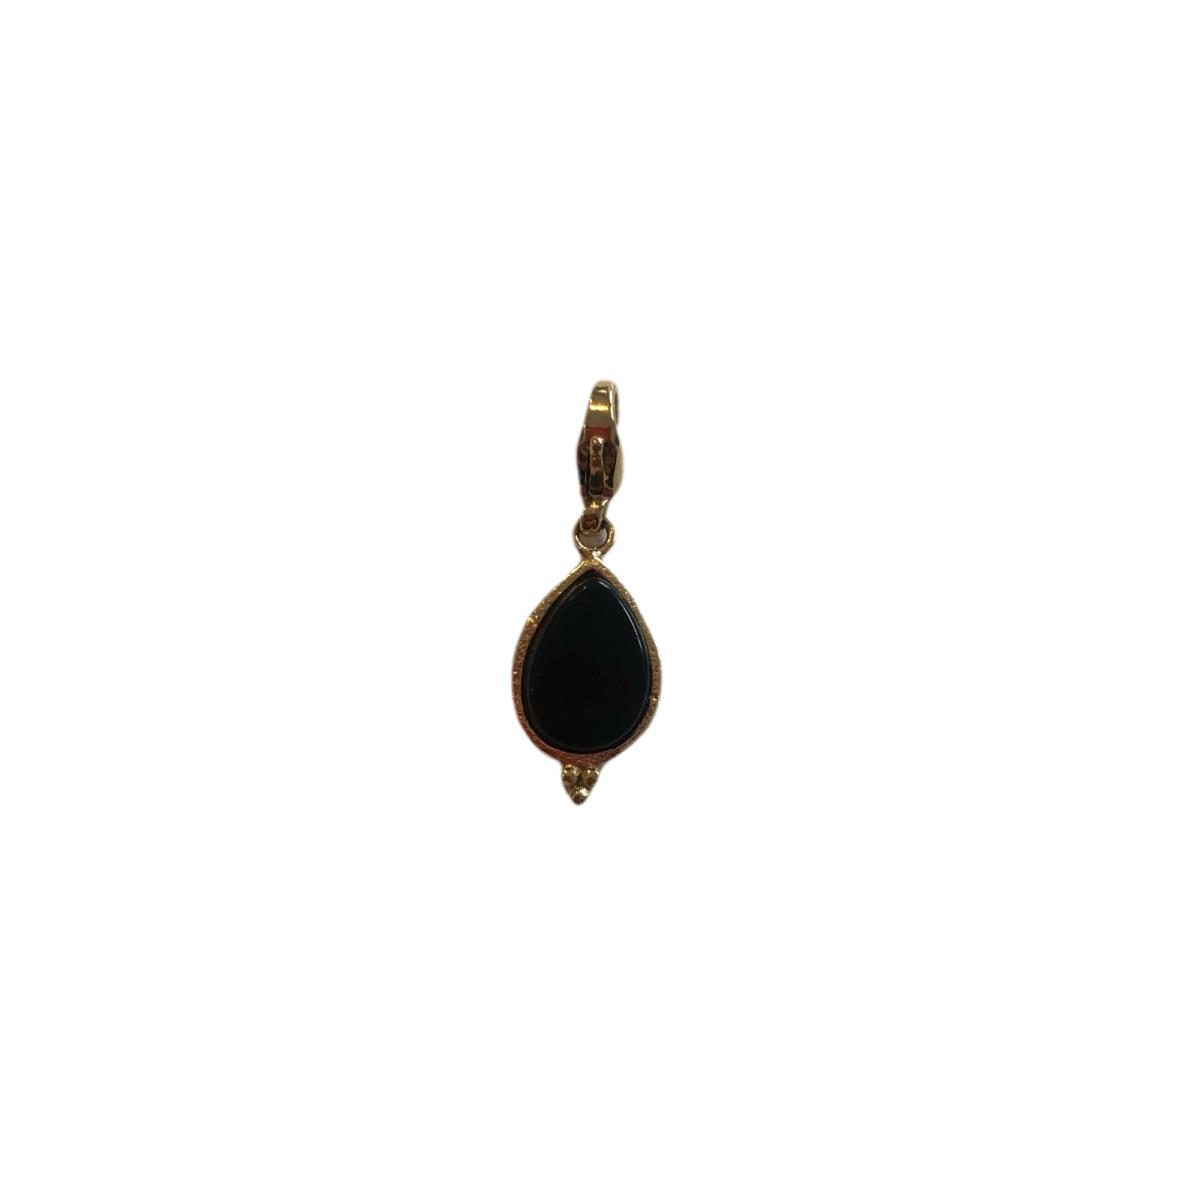 By Destele pendentif clipsable Pierre noire